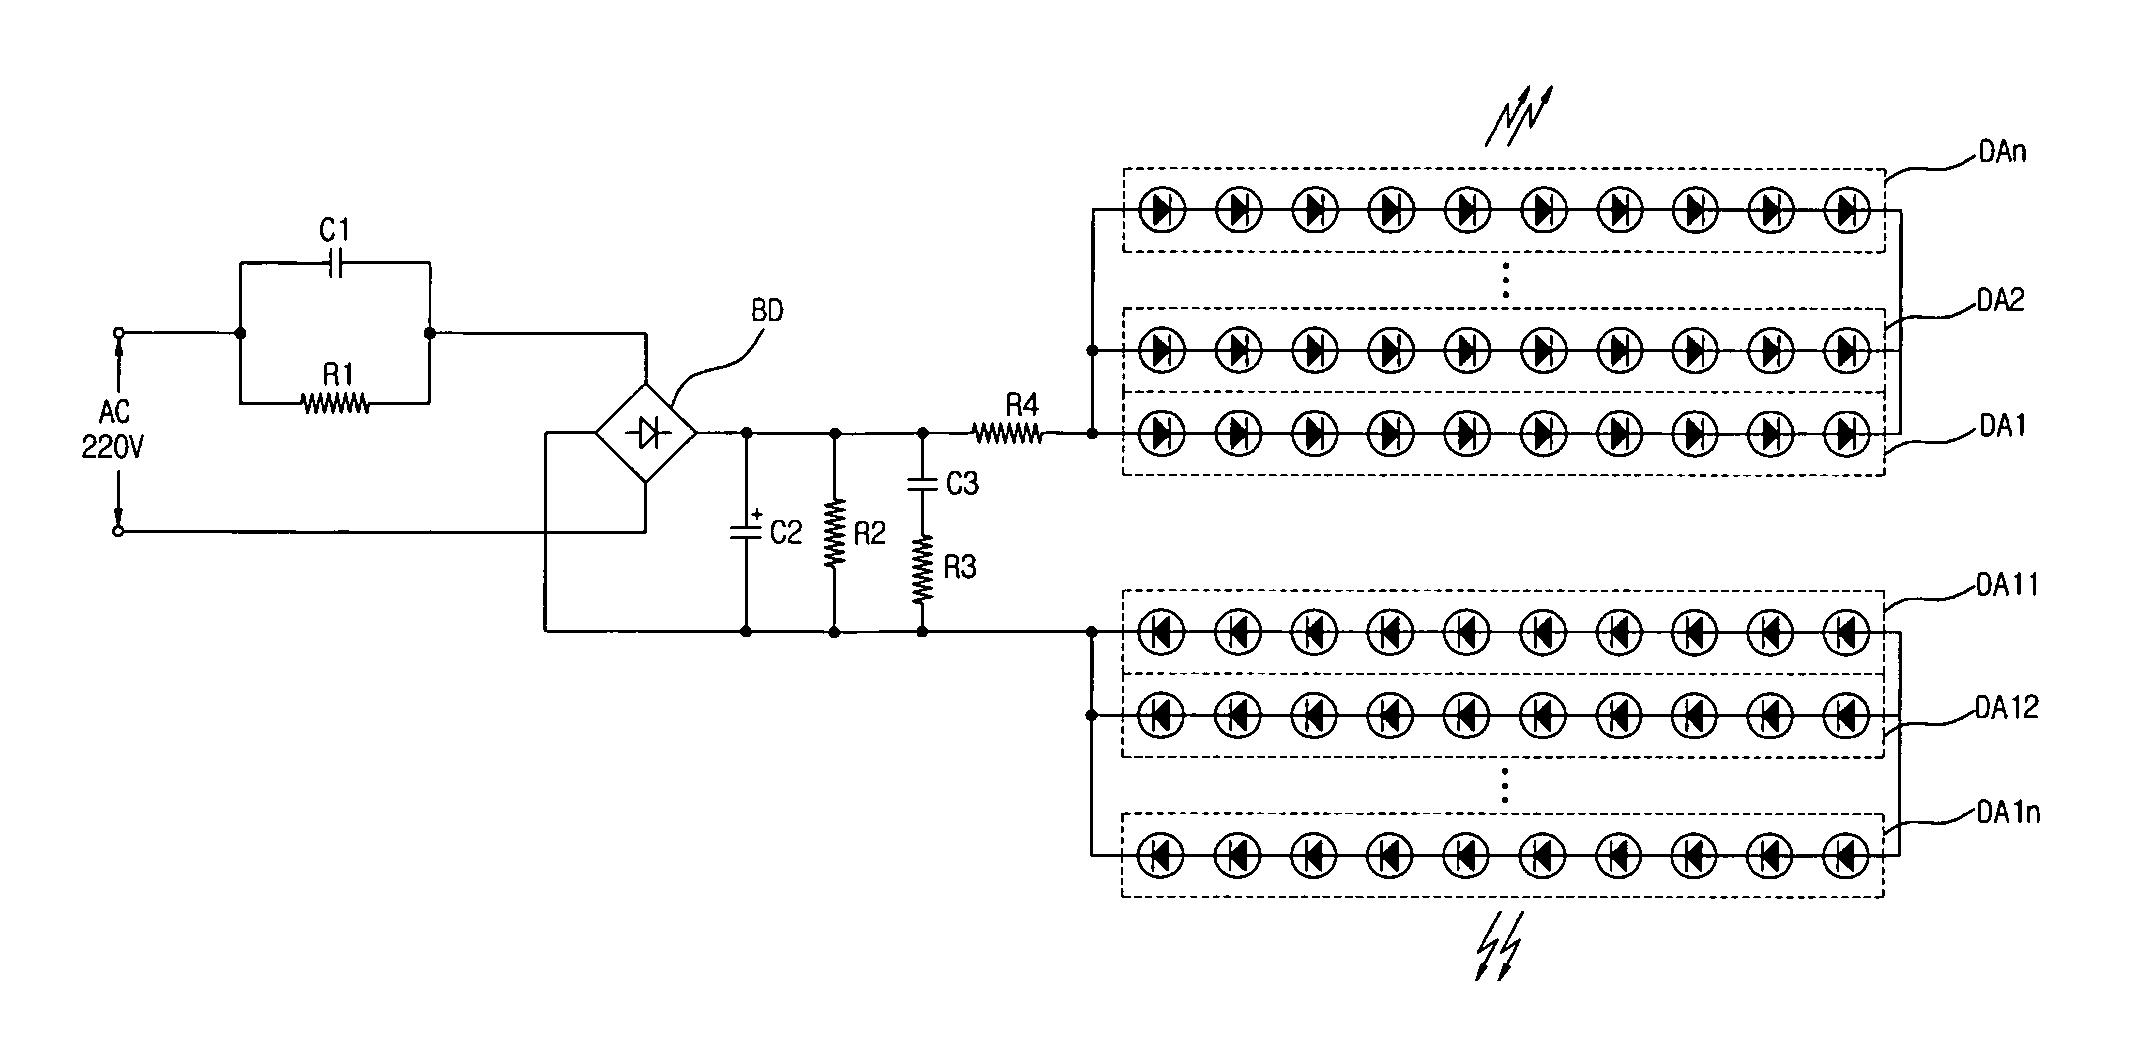 led lamp driver circuit diagram 2002 dodge caravan wiring patent us20120256551 ballast for